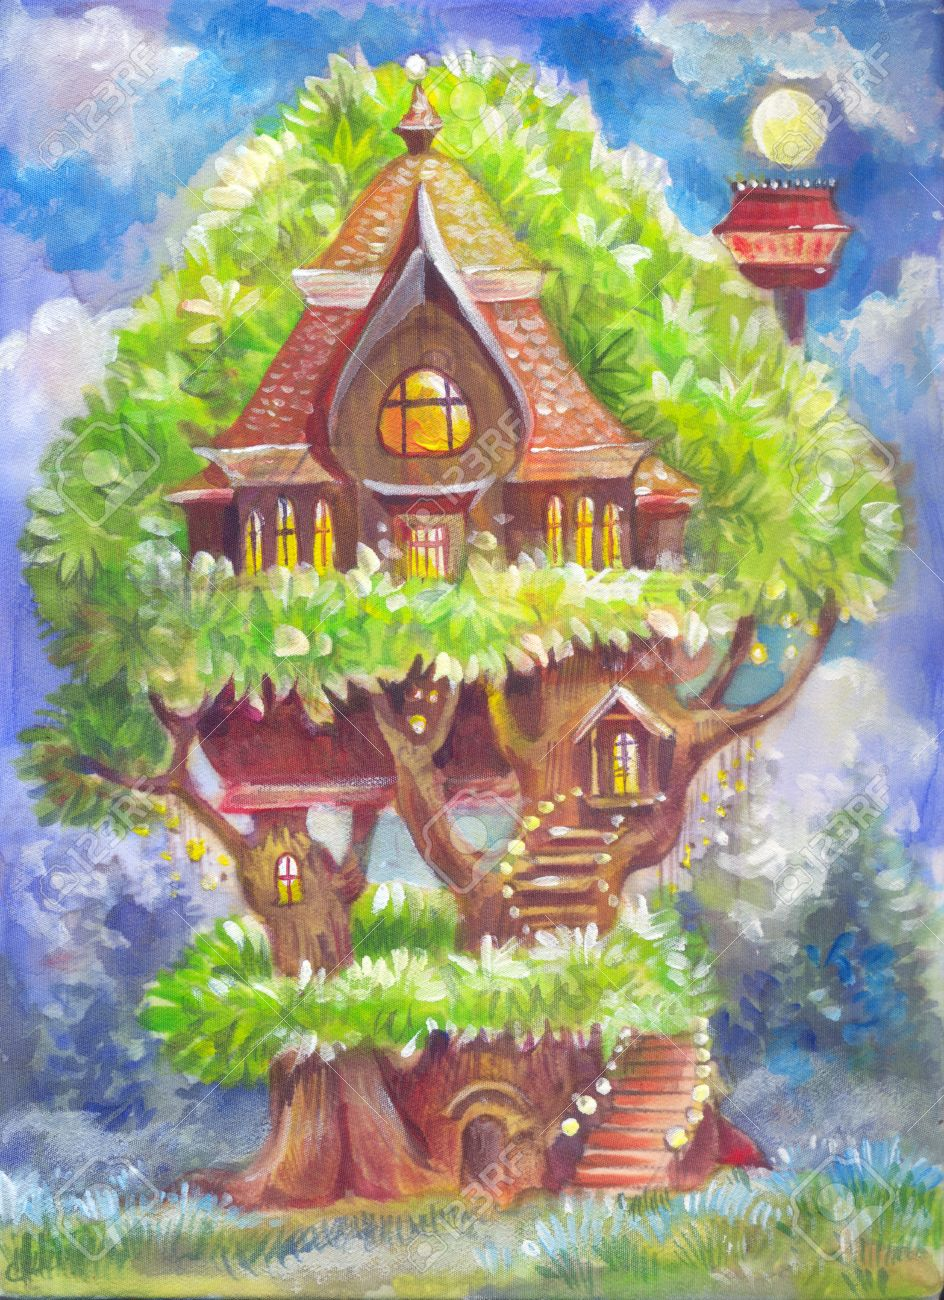 Lillustration pour enfants avec une maison darbre fantastique image dimaginaire peint à la main sur toile illustration pour le livre fond